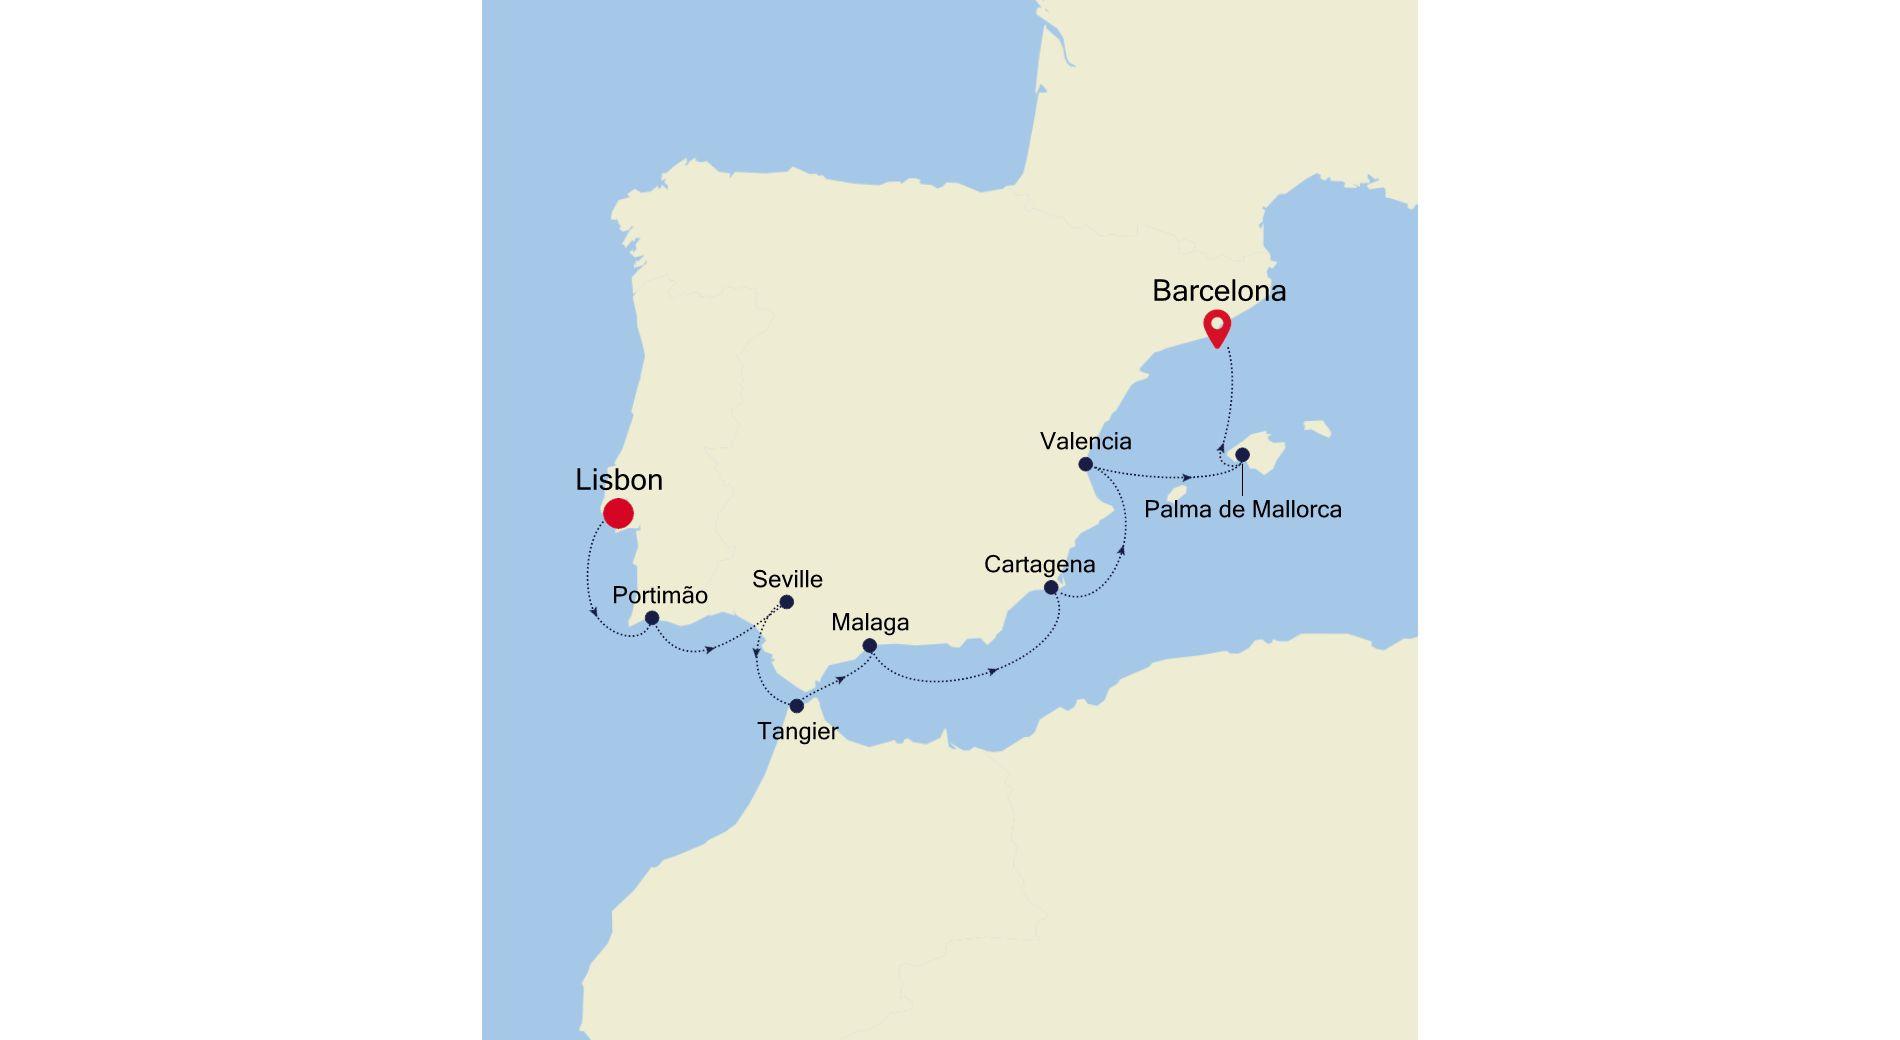 SS200913011 - Lisbon nach Barcelona